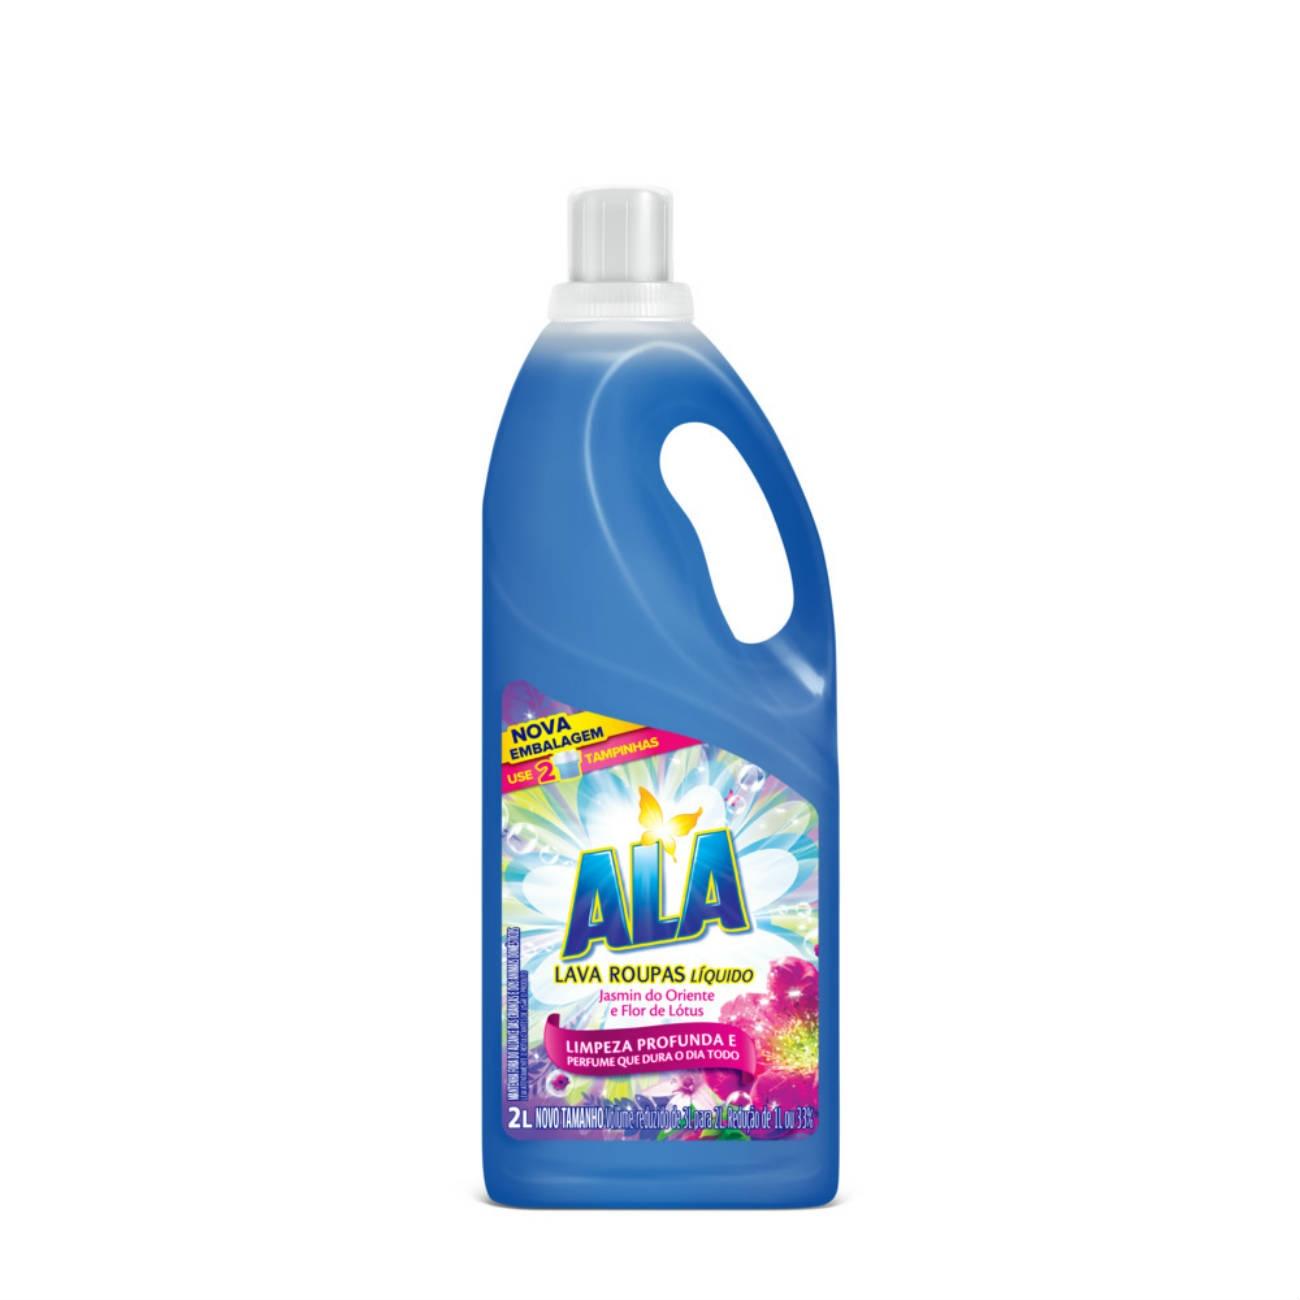 Detergente L�quido Ala Jasmim do Oriente e Flor de L�tus 2L